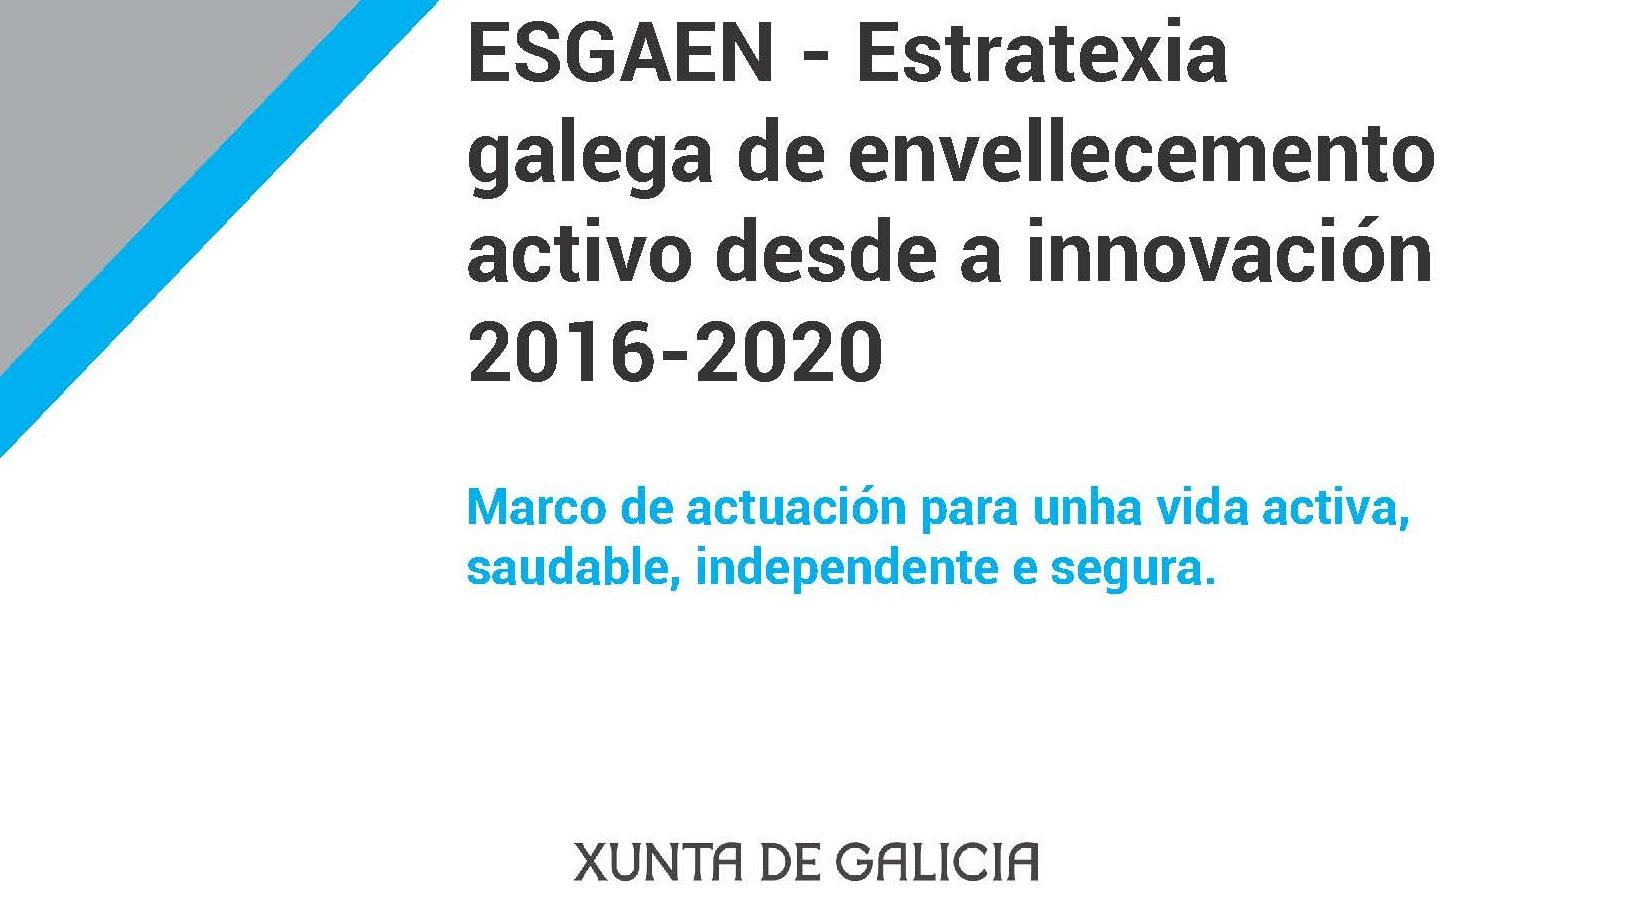 esgaen 2016-2020